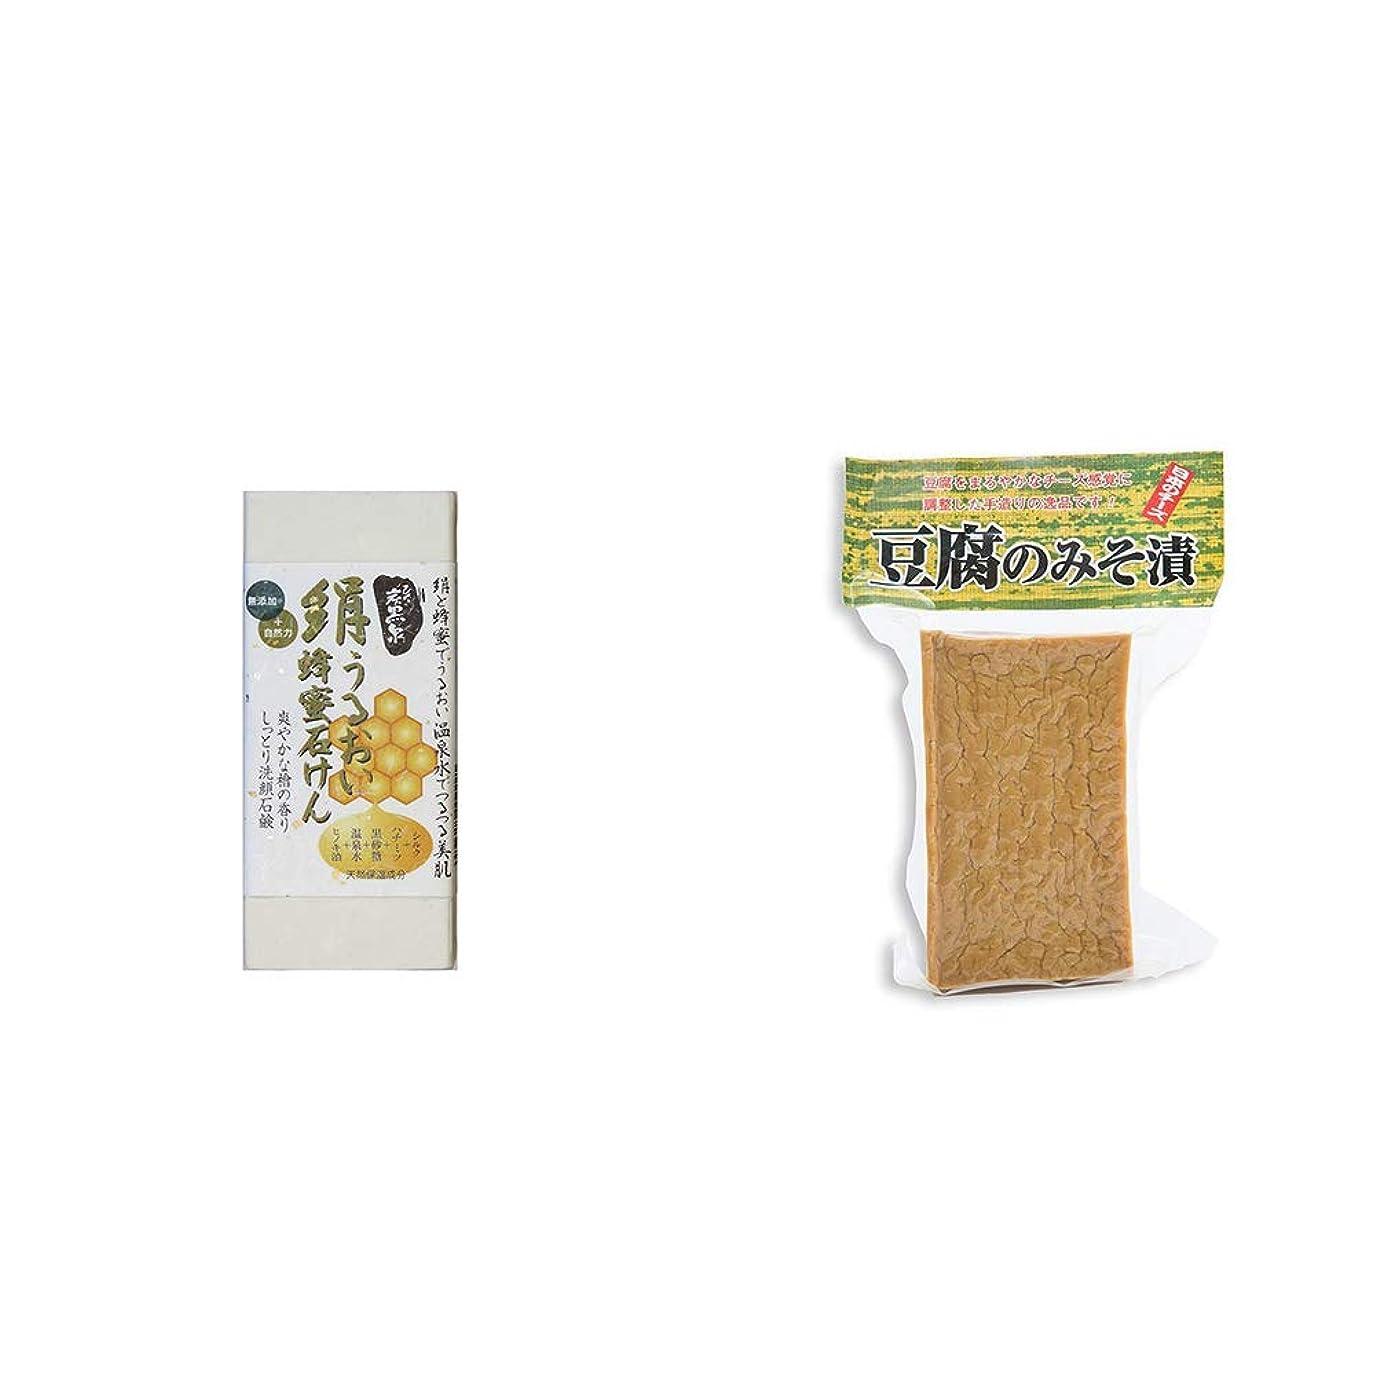 家主肥満さておき[2点セット] ひのき炭黒泉 絹うるおい蜂蜜石けん(75g×2)?日本のチーズ 豆腐のみそ漬(1個入)